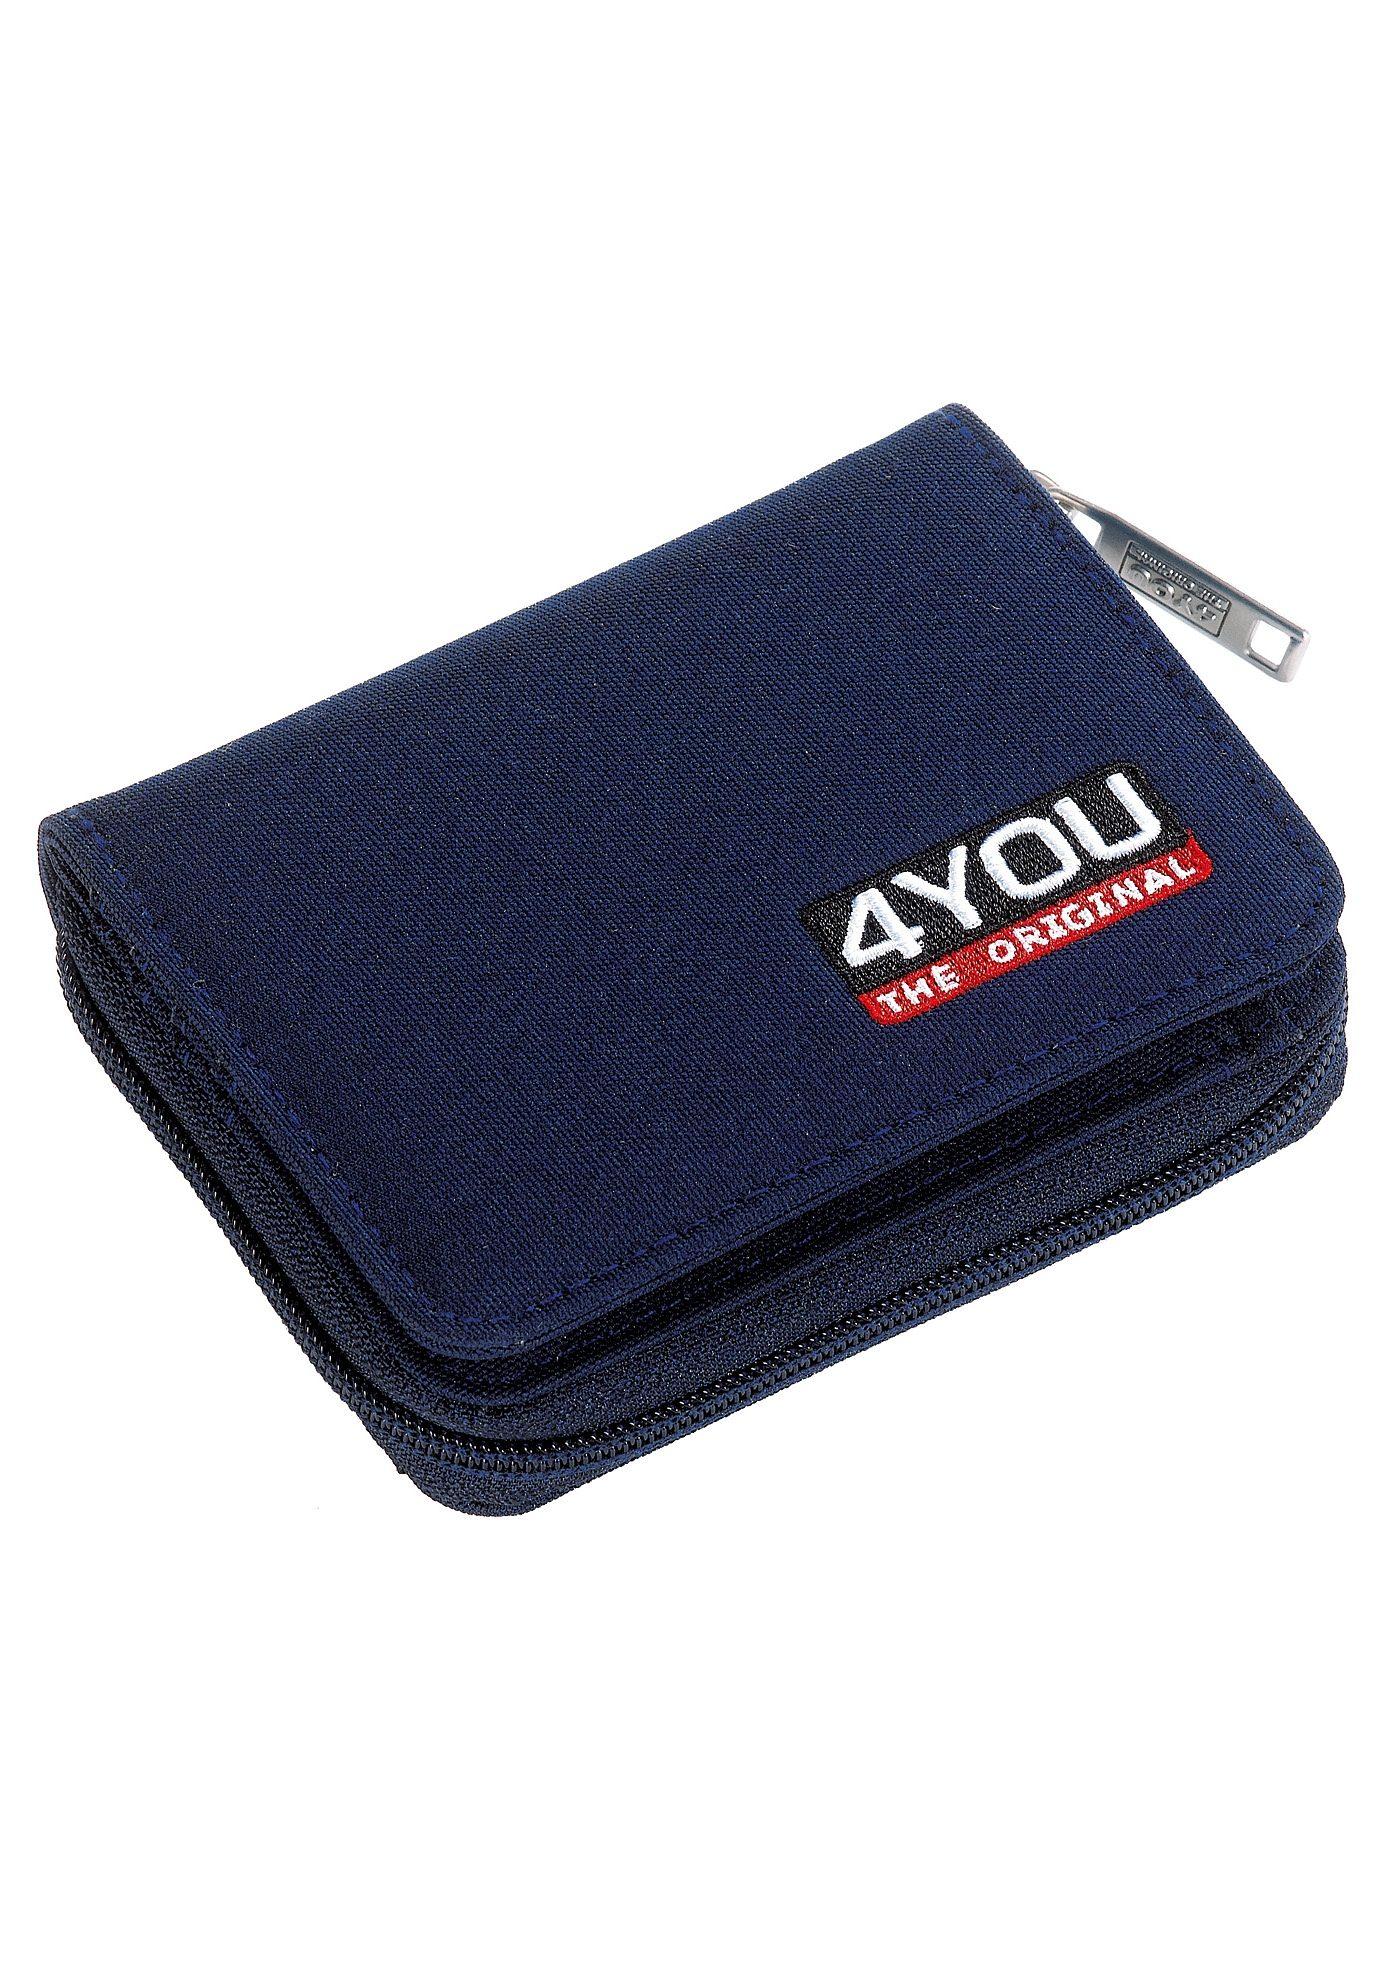 4YOU Geldbörse mit Reißverschluss, Marine, »Zipper Wallet«